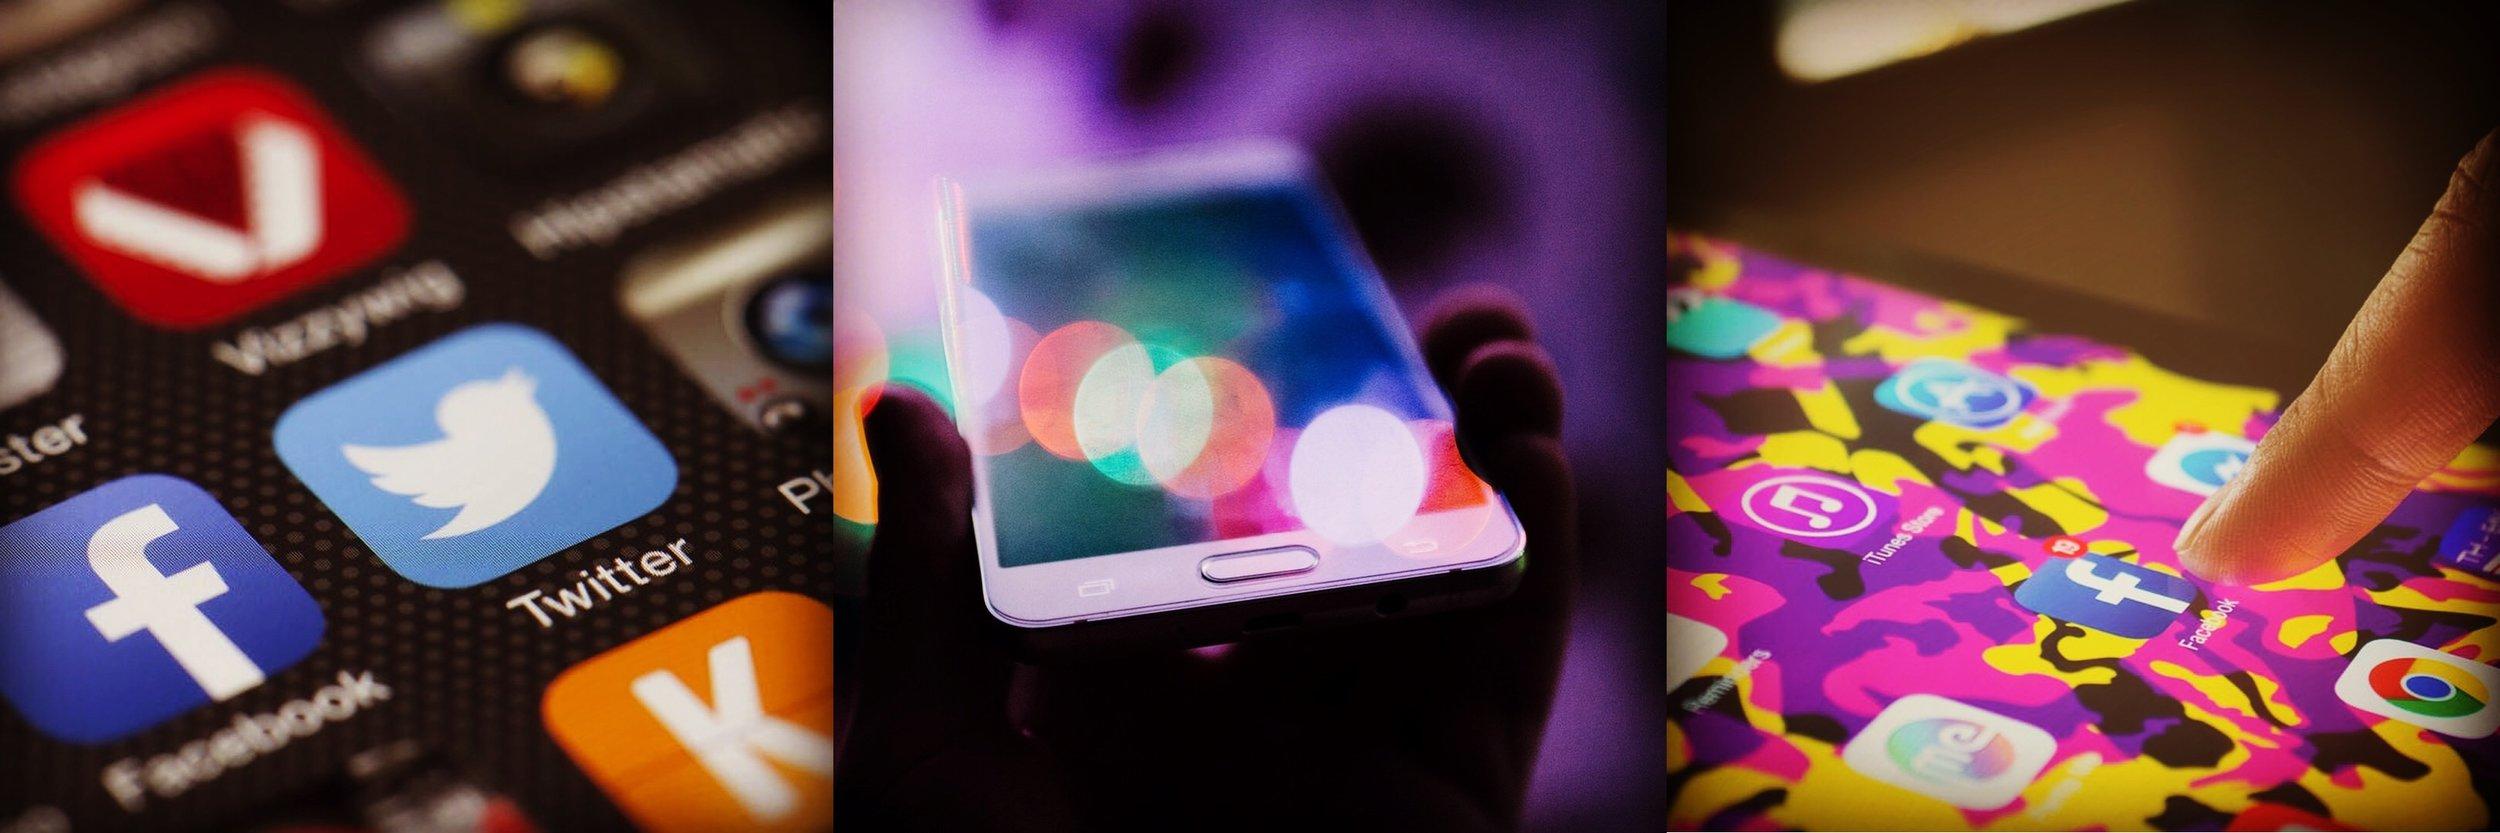 Social media consumption with millennials